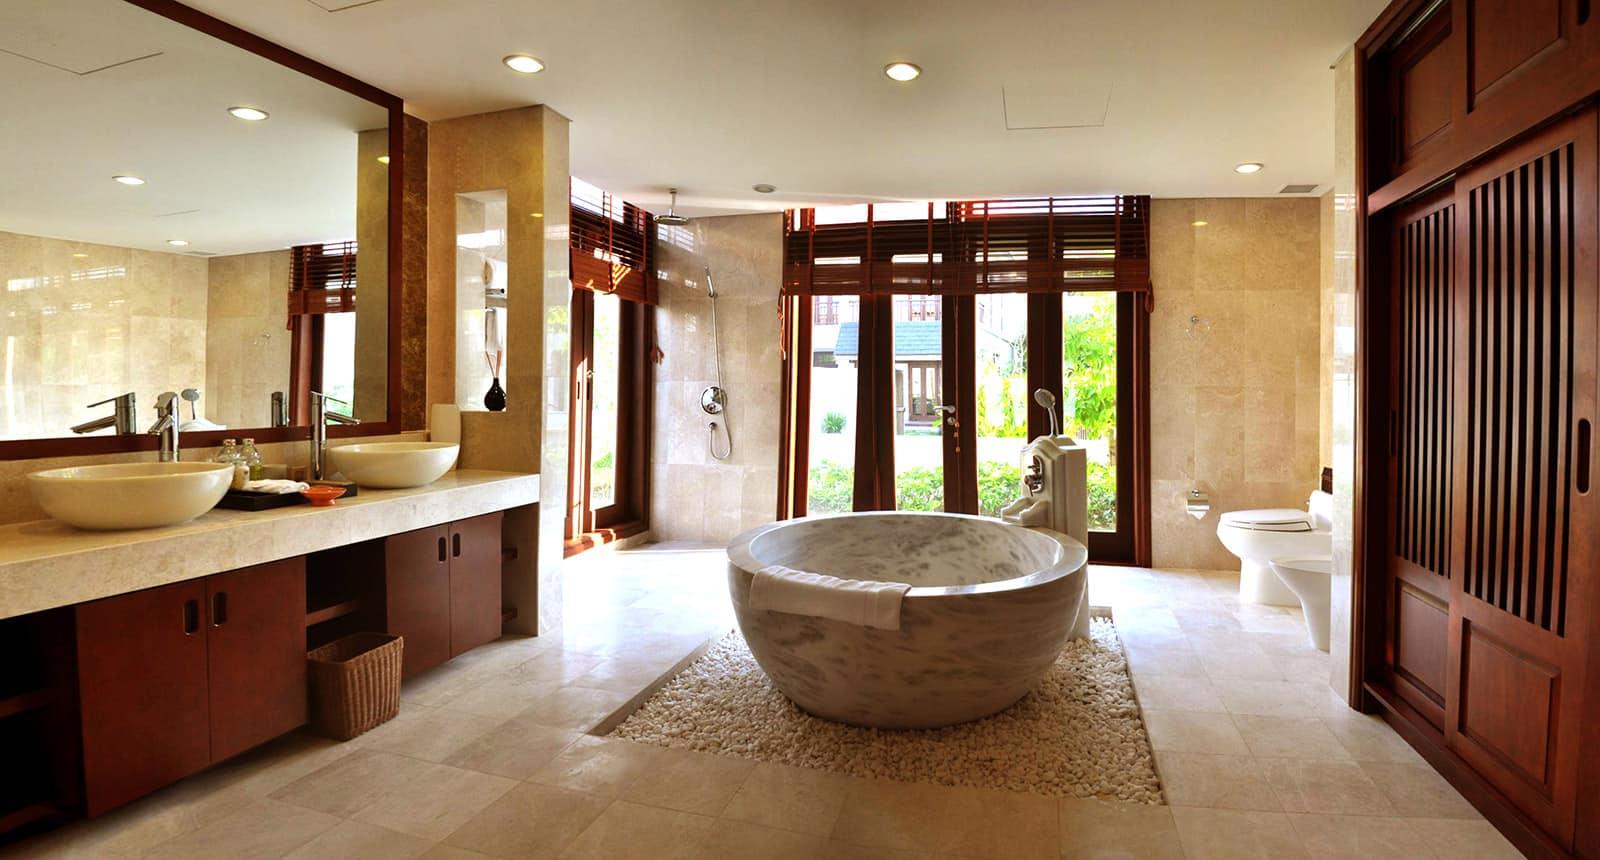 Phòng tắm vô cùng hiện đại và thoáng sáng